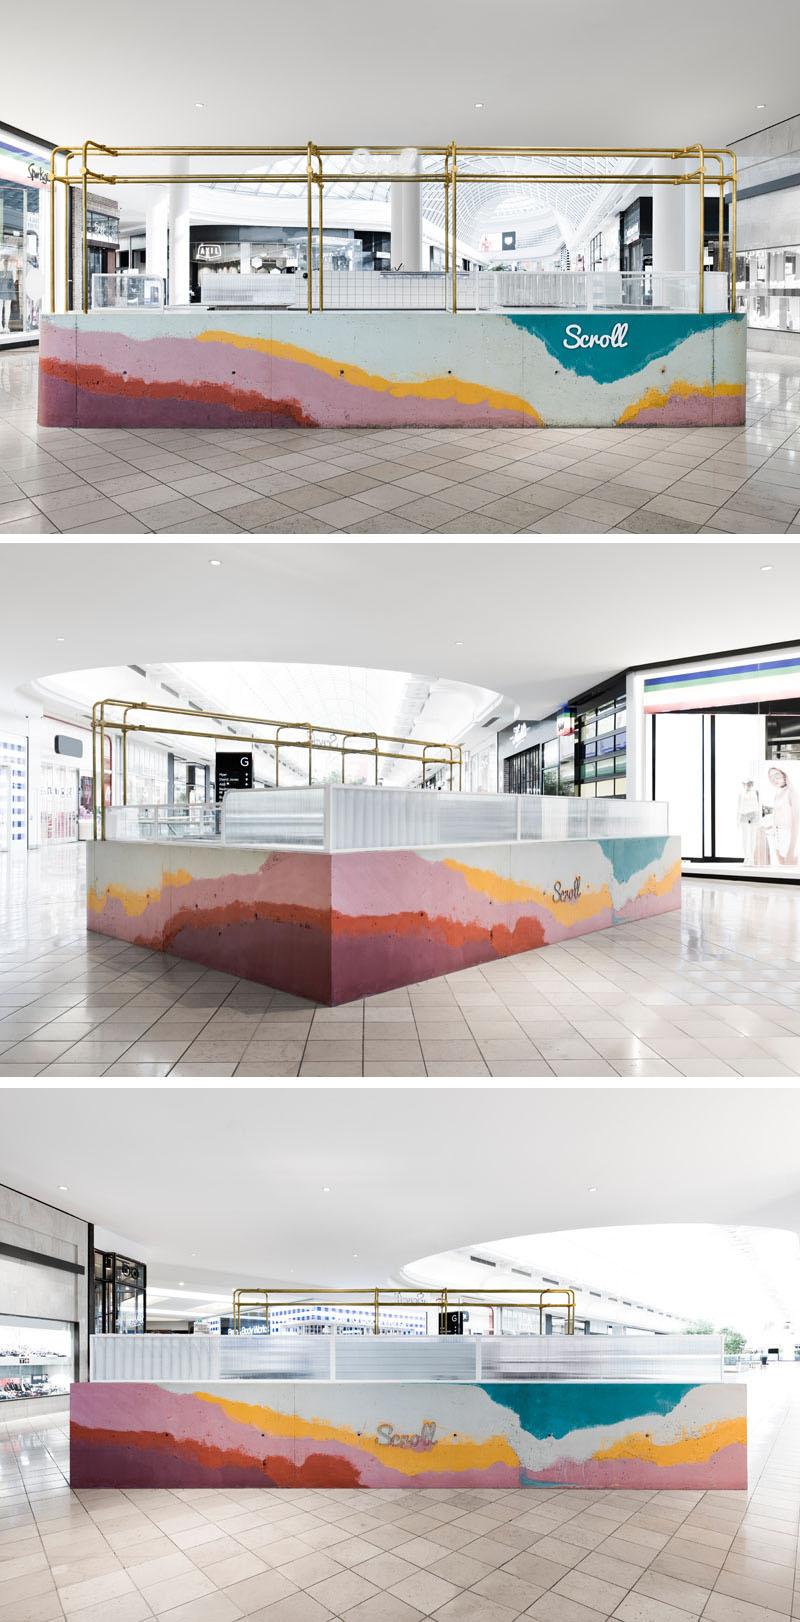 Прилавок в этой лавке мороженного сделан из слоев цветного бетона